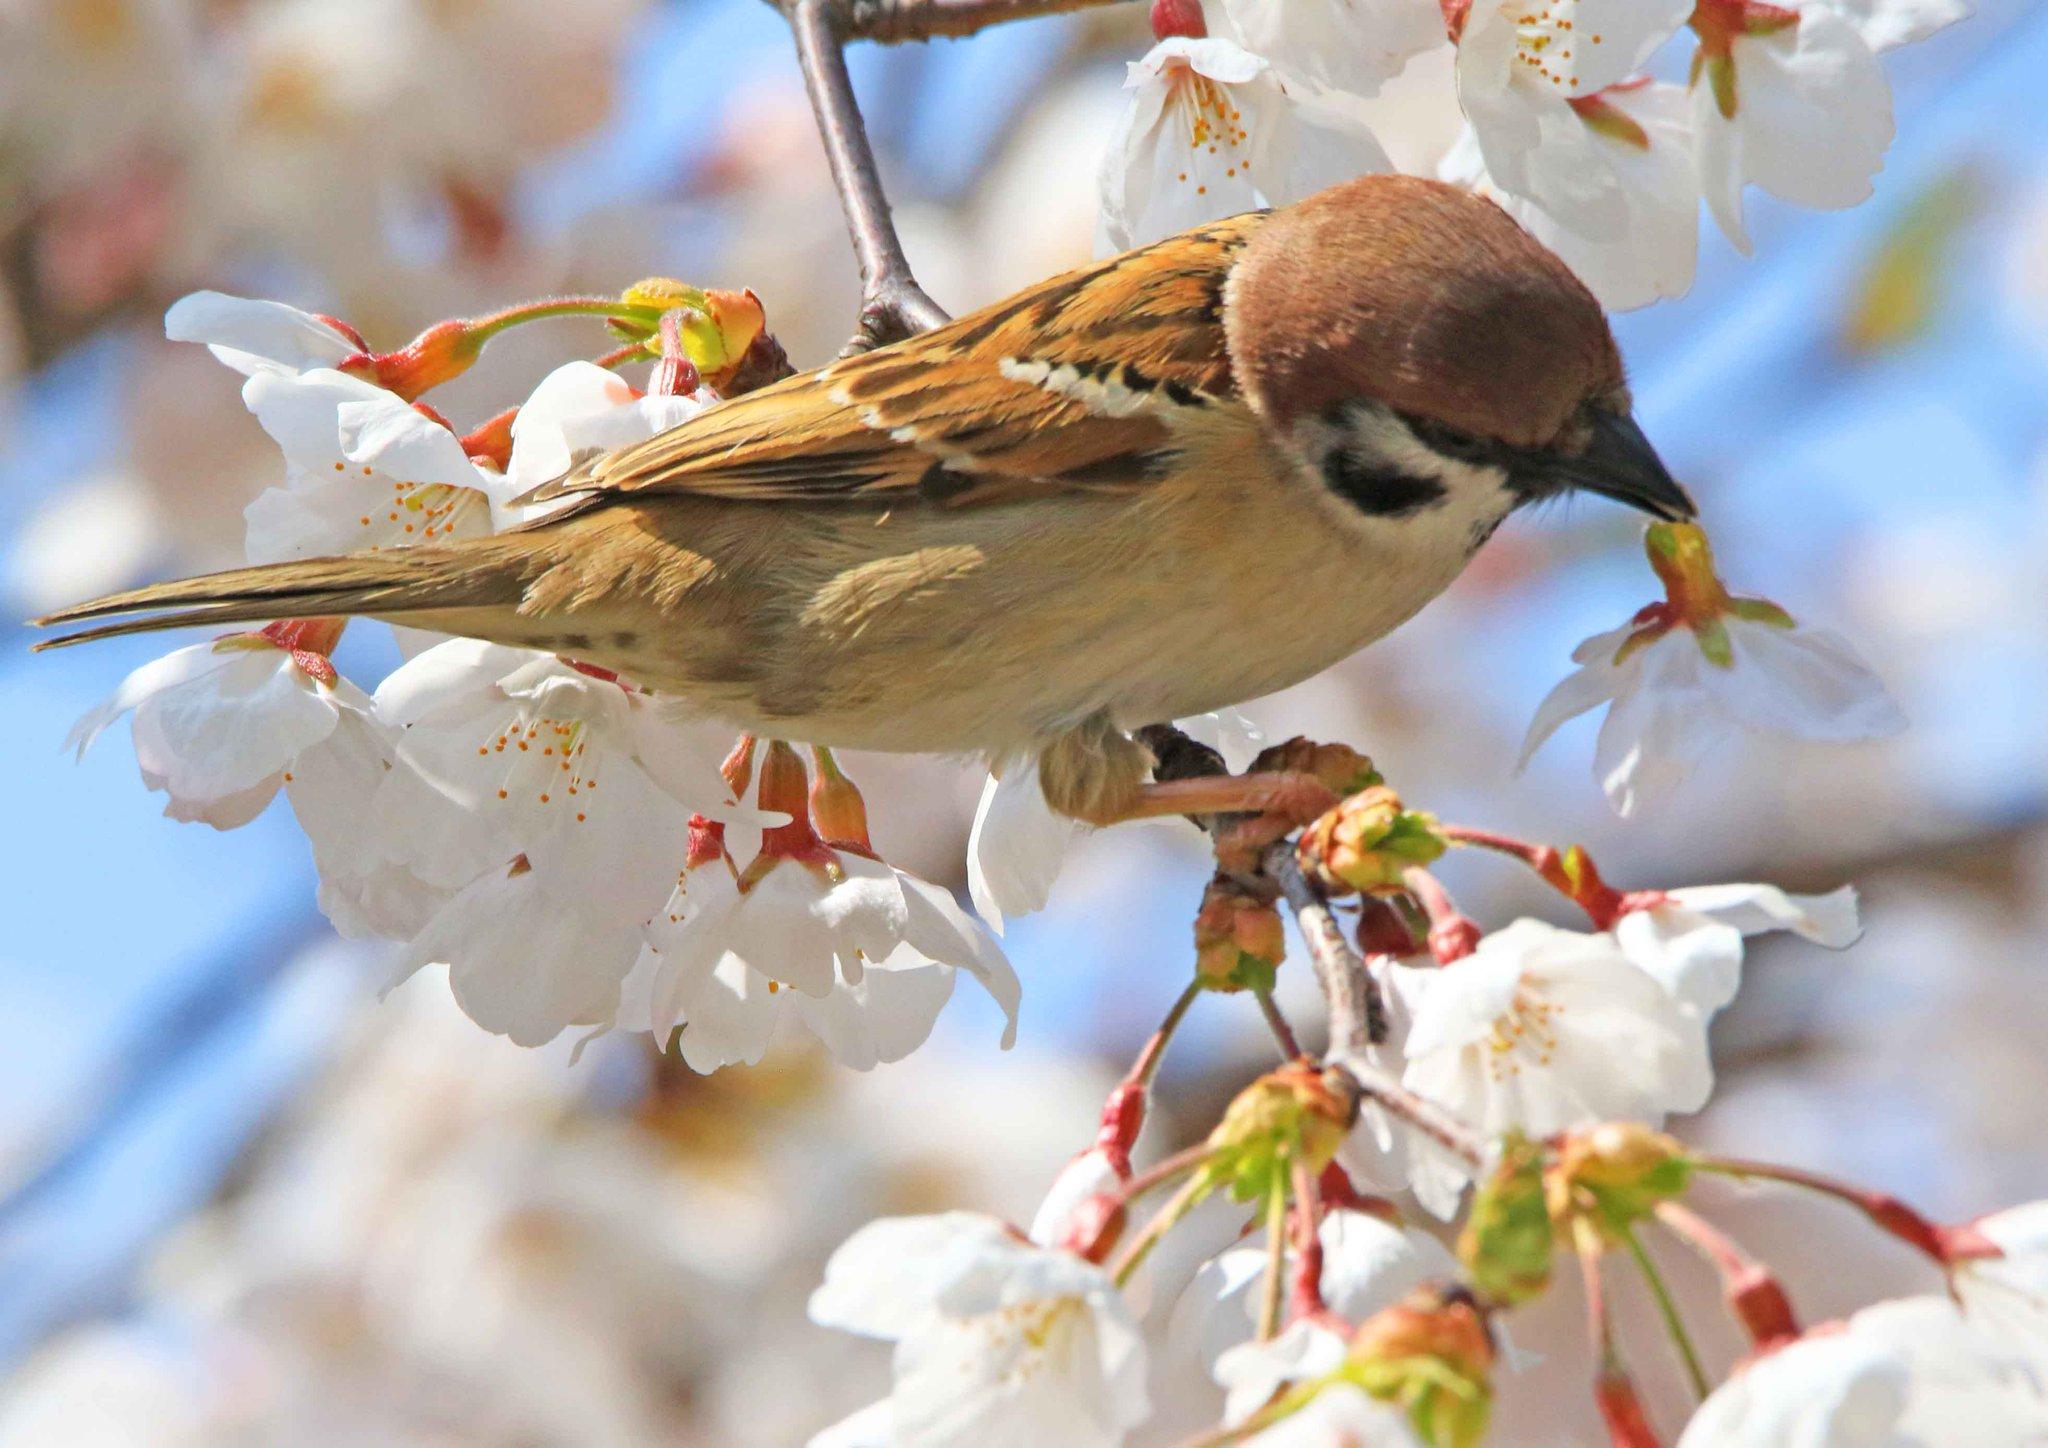 桜がぽとりと落ちている理由!スズメが美味しい蜜を上手に吸っているからだったw